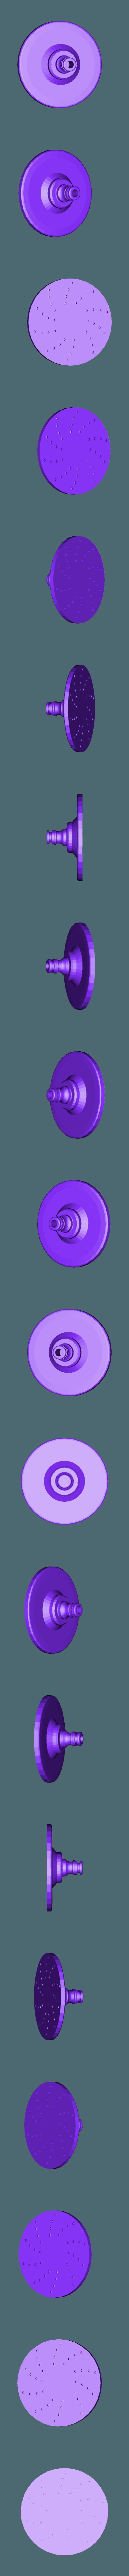 recta_ducha_para_manguera_1.stl Télécharger fichier STL gratuit Une douche où vous voulez avec raccord de flexible • Objet imprimable en 3D, madsoul666